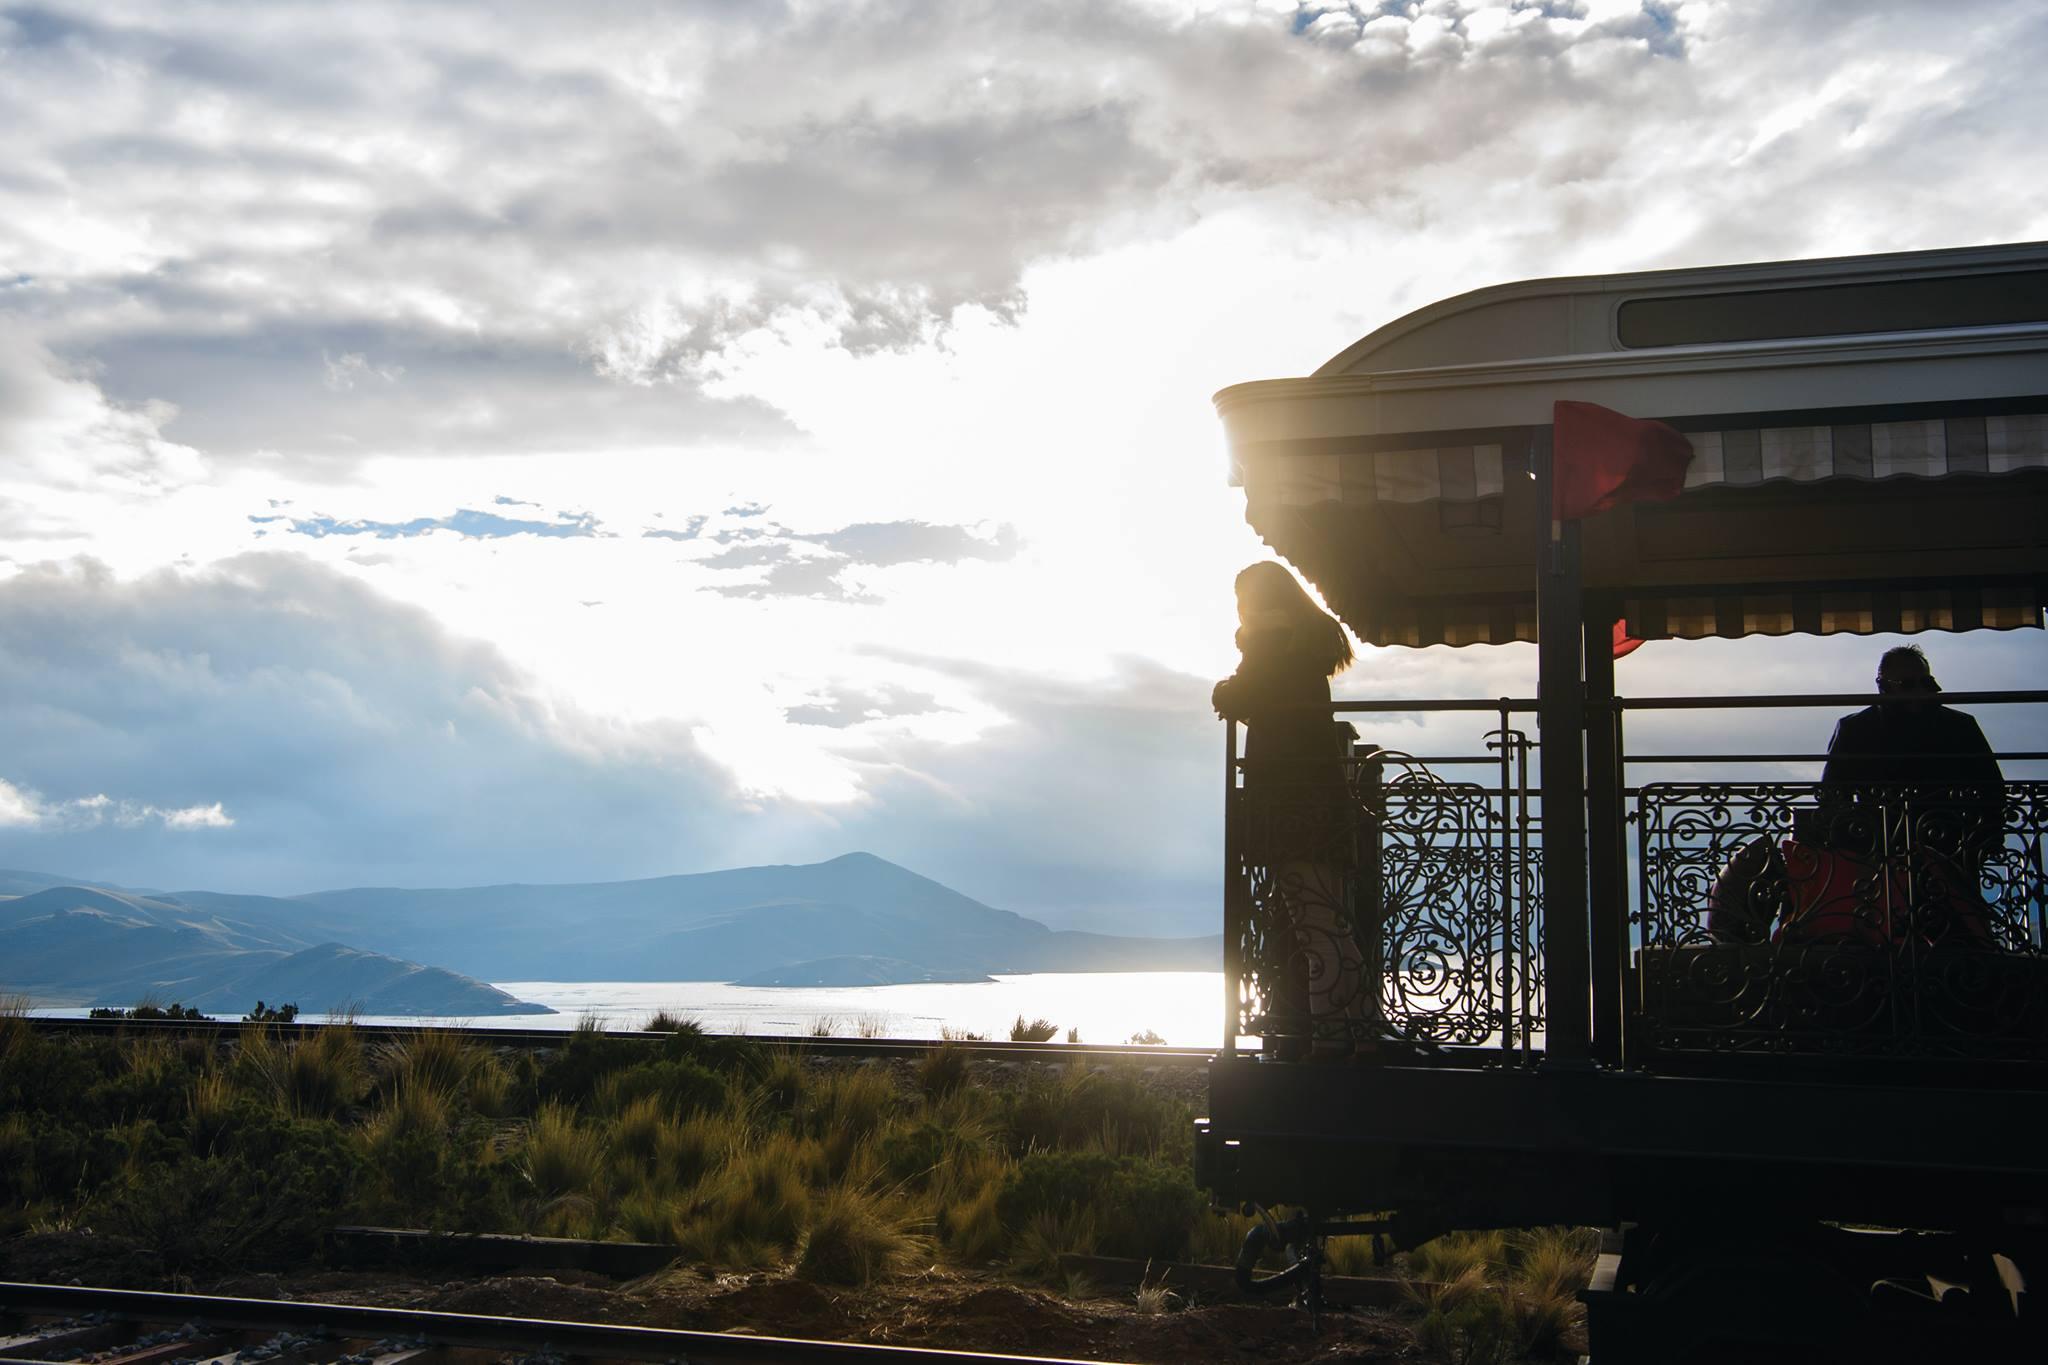 Belmond inaugura en Perú el primer tren nocturno de lujo de América del Sur